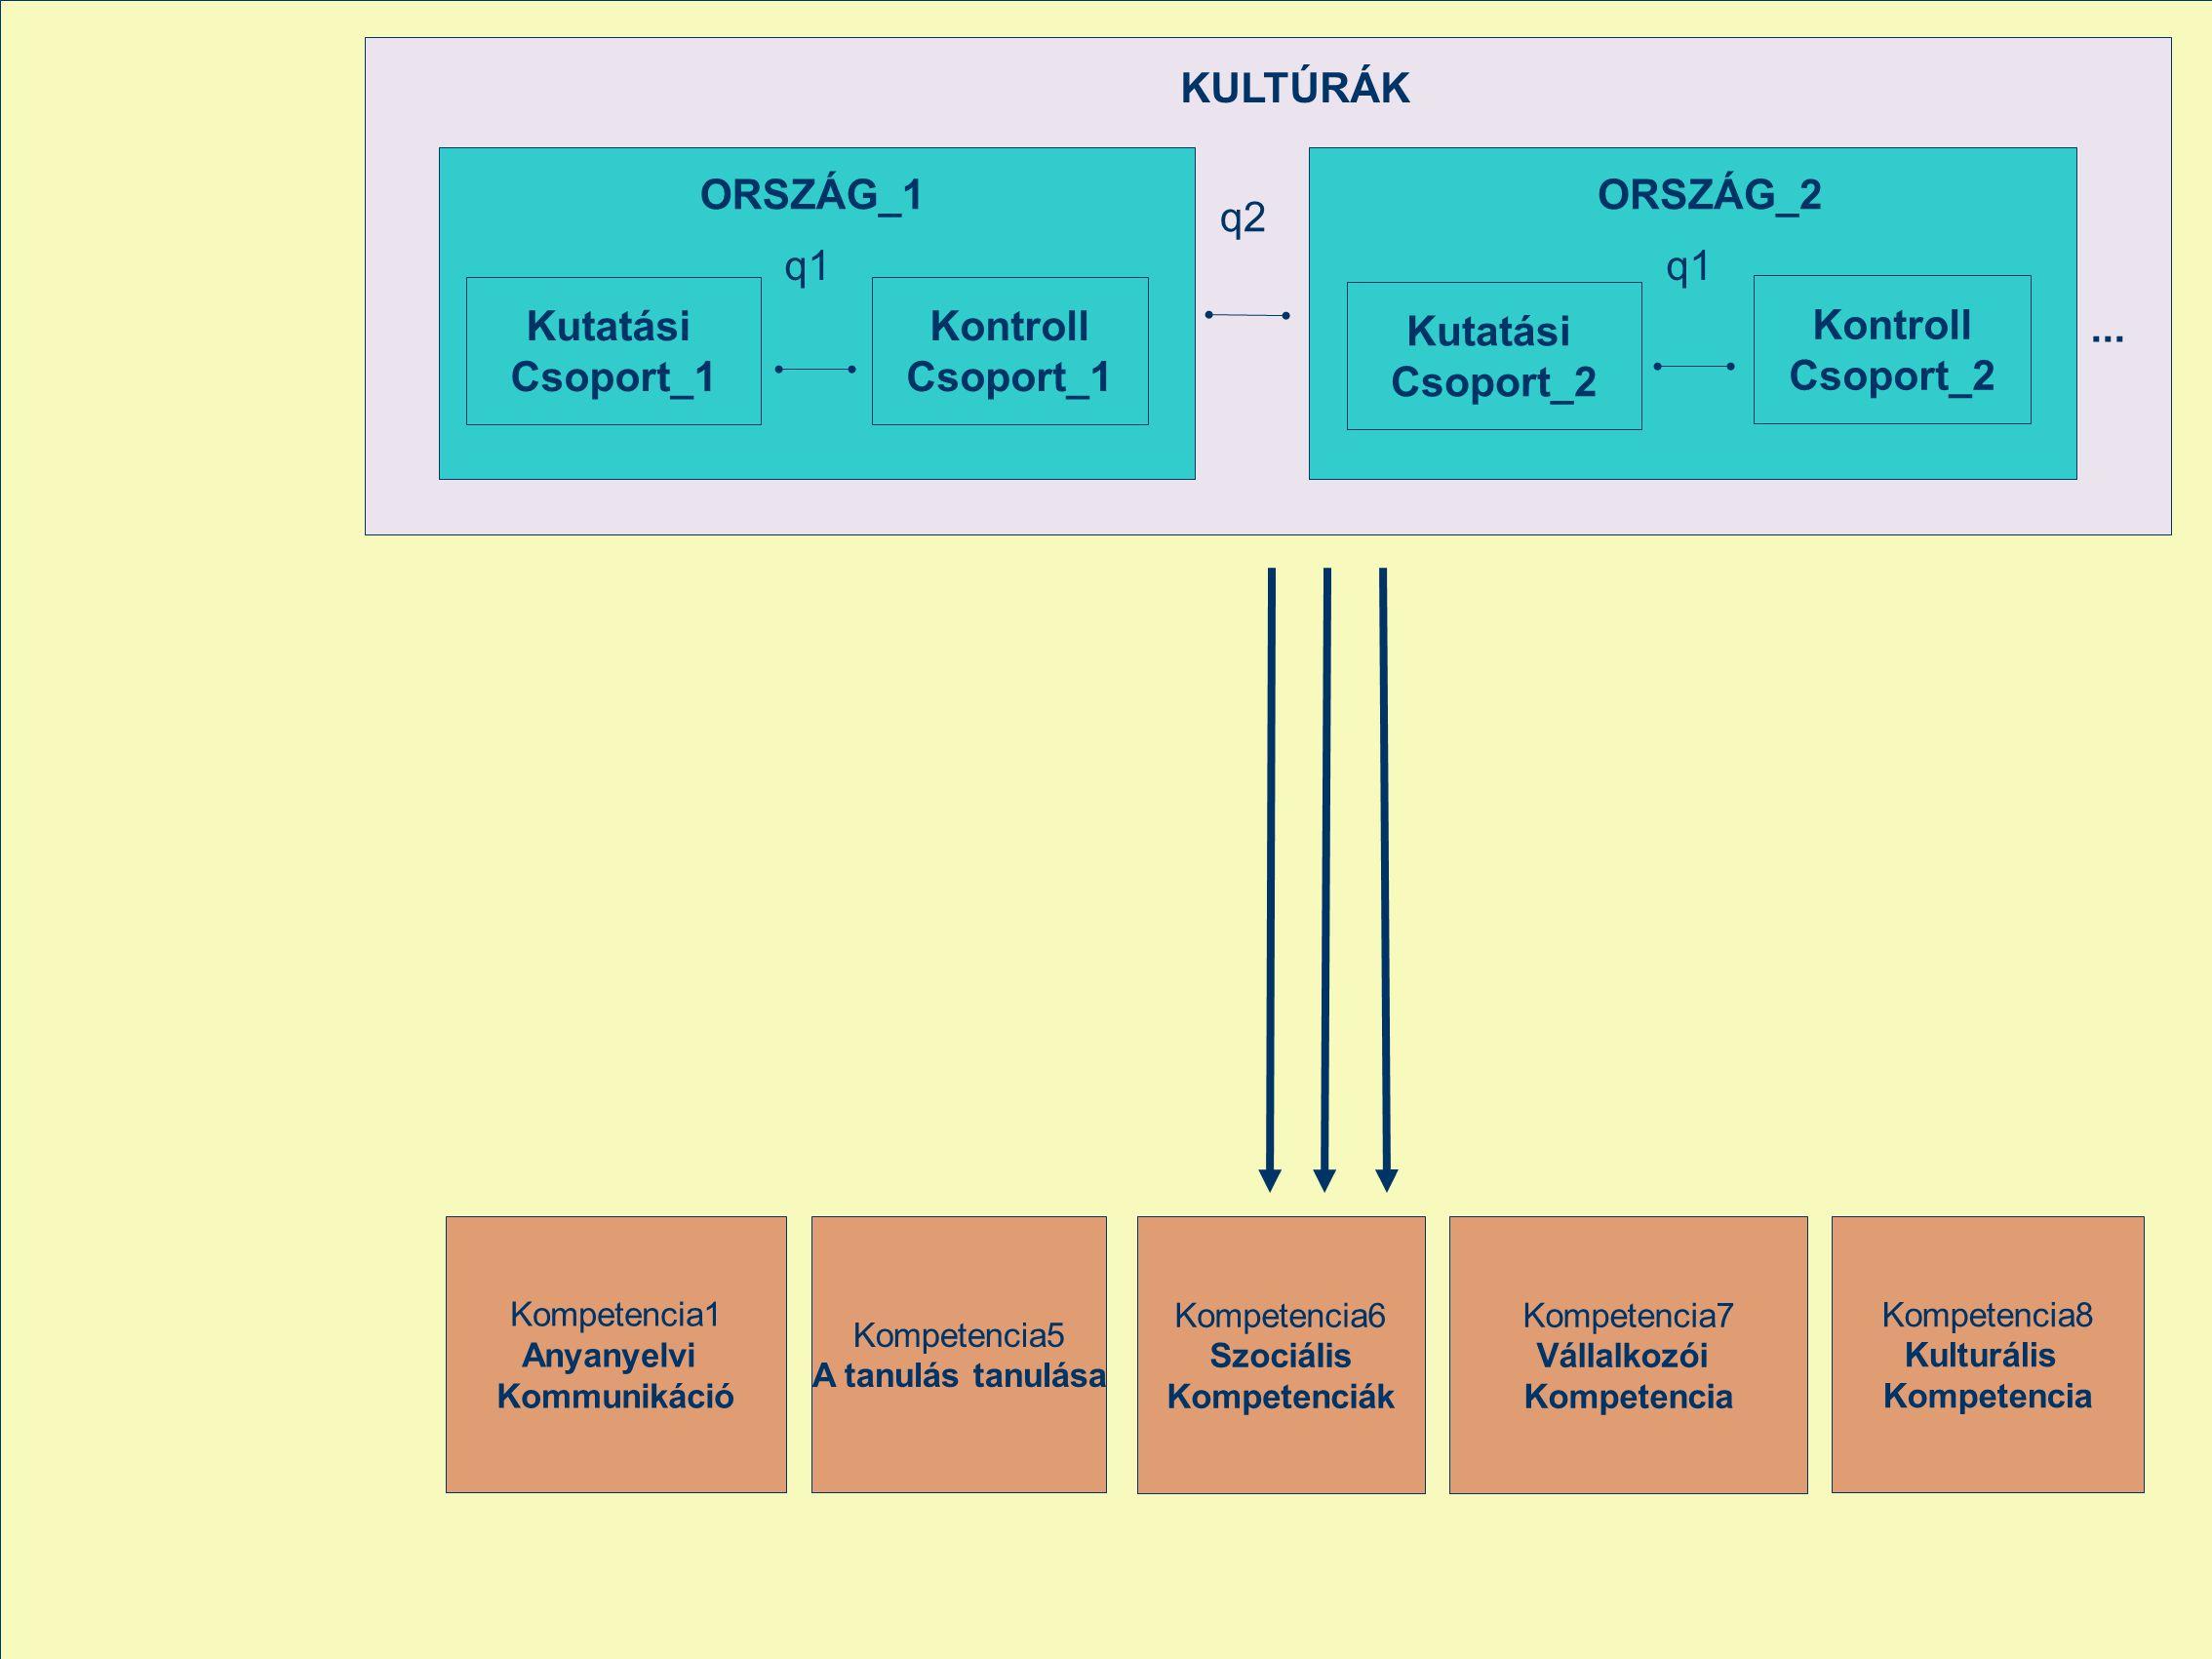 ... Kontroll Csoport_1 KULTÚRÁK q1 q2 Kompetencia6 Szociális Kompetenciák Kompetencia7 Vállalkozói Kompetencia Kompetencia8 Kulturális Kompetencia Kut